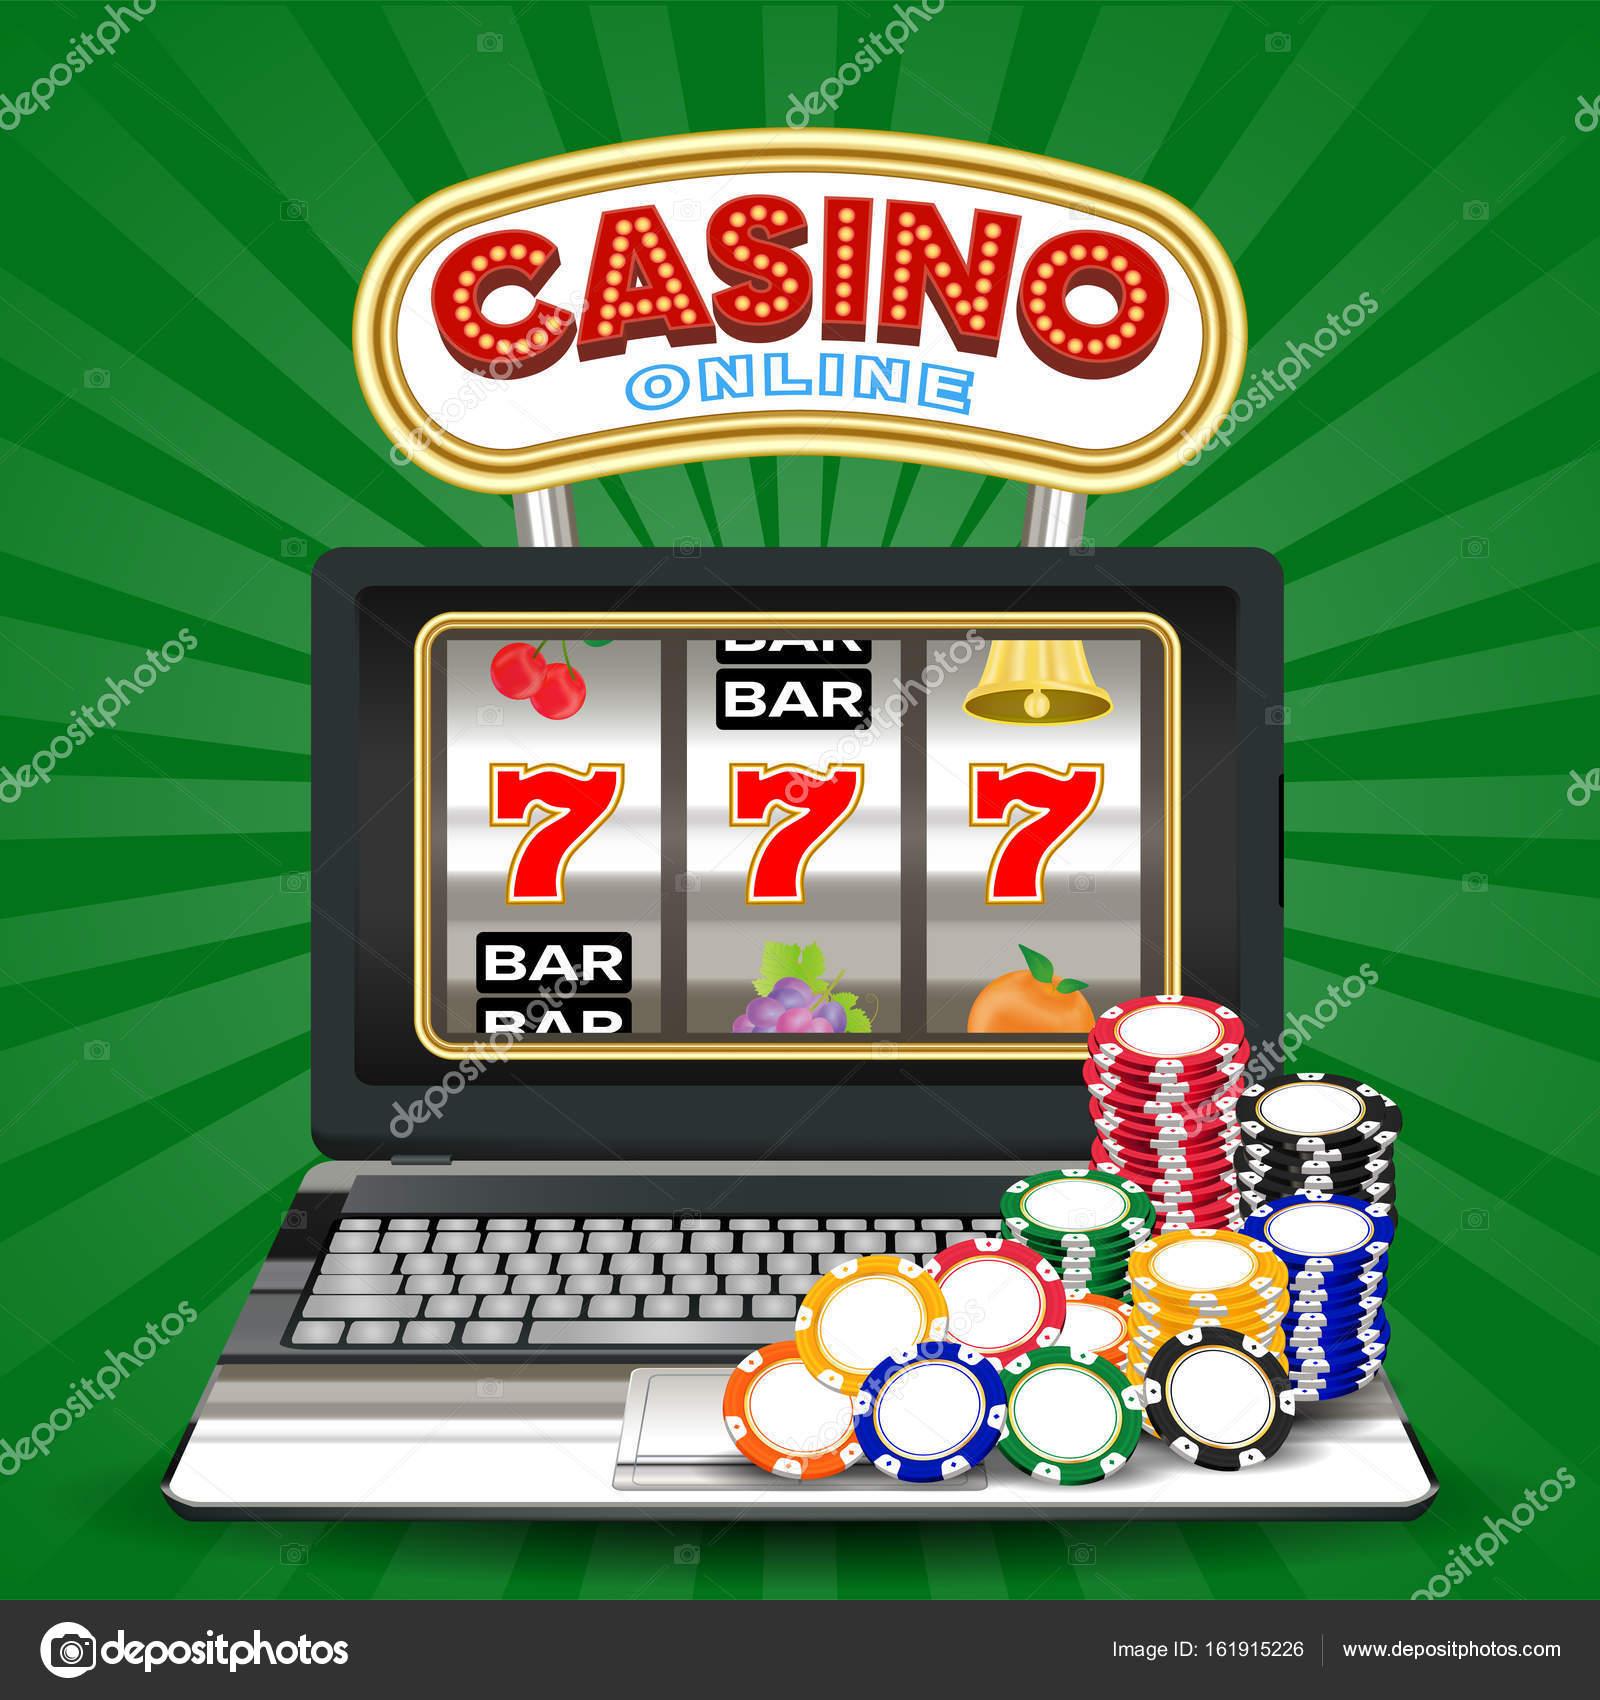 Мульти бонусные слоты онлайн как заработать деньги в онлайн играх казино